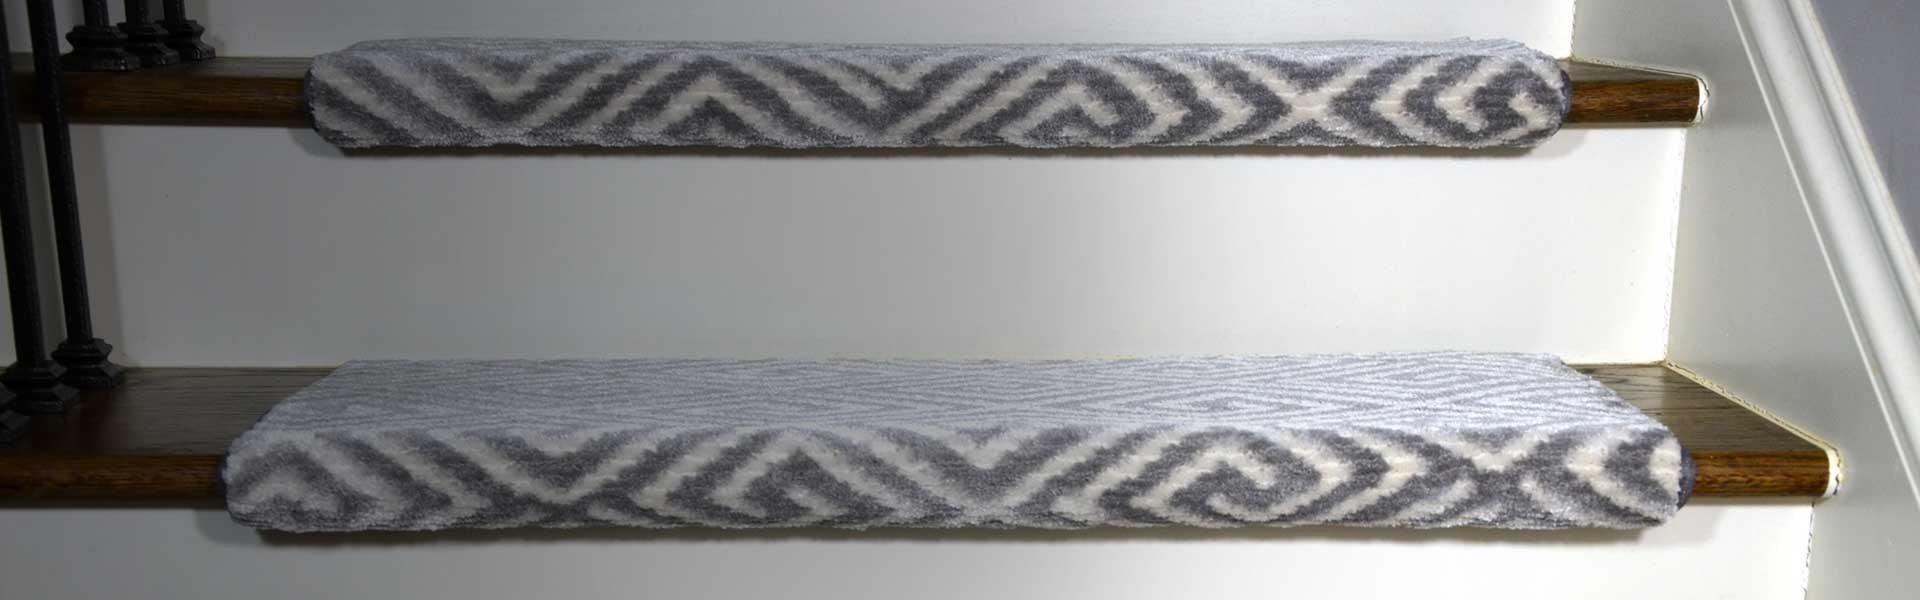 Carpet Stair Treads Runner Rugs – Dean Flooring Company | Single Carpet Stair Treads | Stair Runner | Adhesive Padding | Wood | Sisal Stair | Non Slip